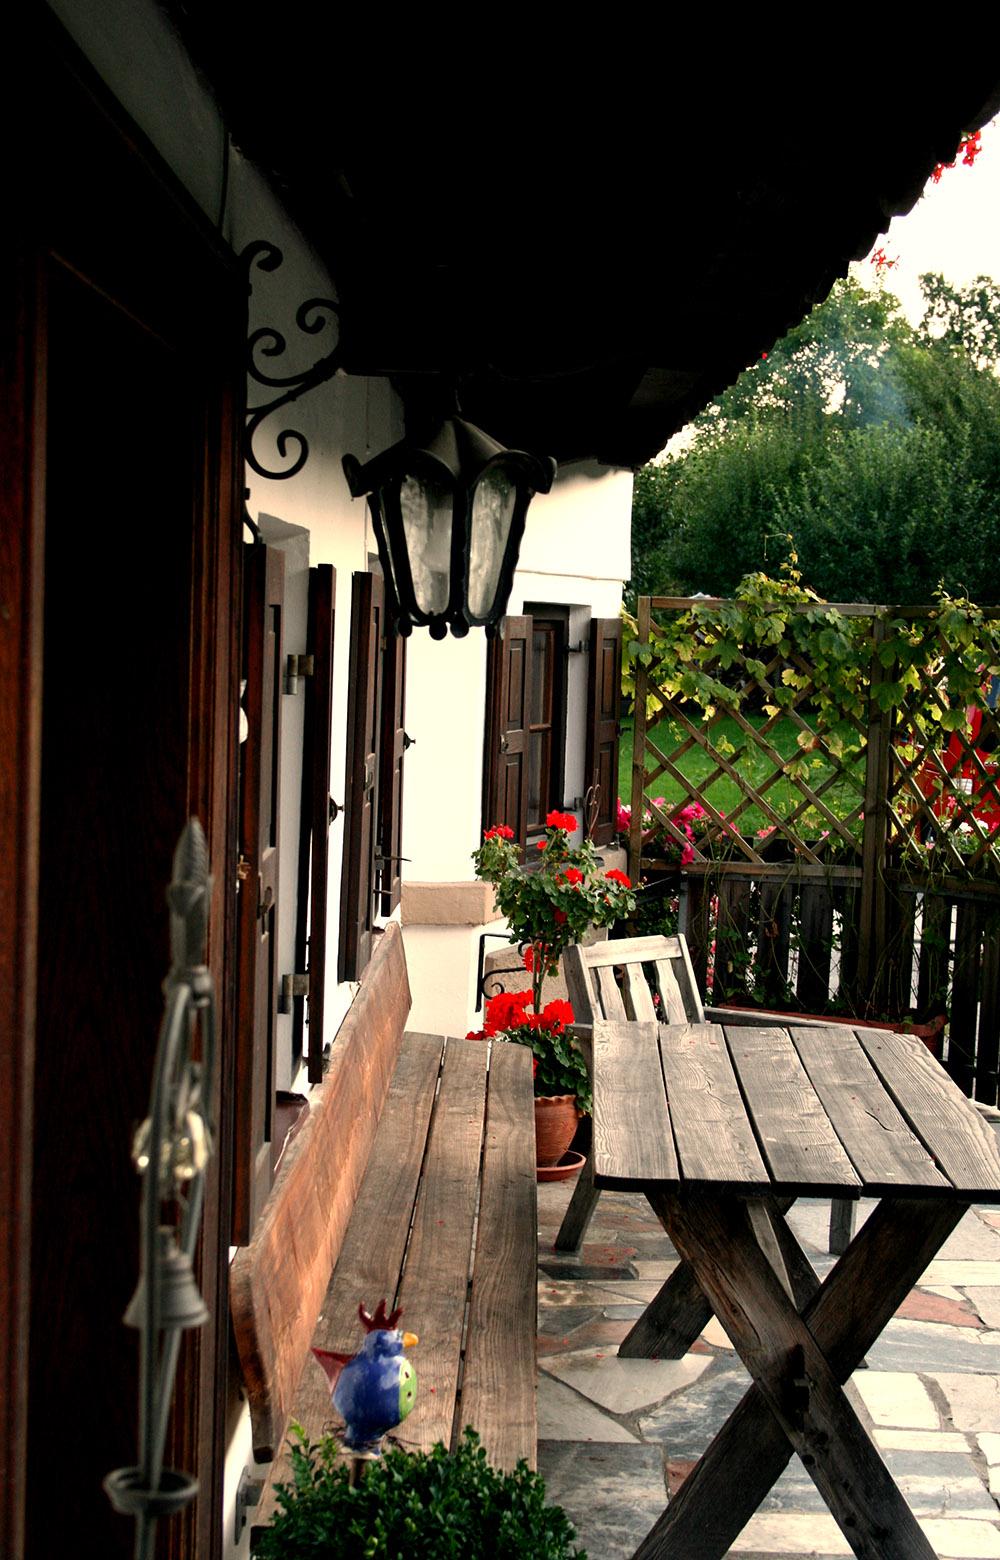 Blick auf die Hausbank des traditionsreichen Hofgebäudes der Familie Danner in Kiefersfelden